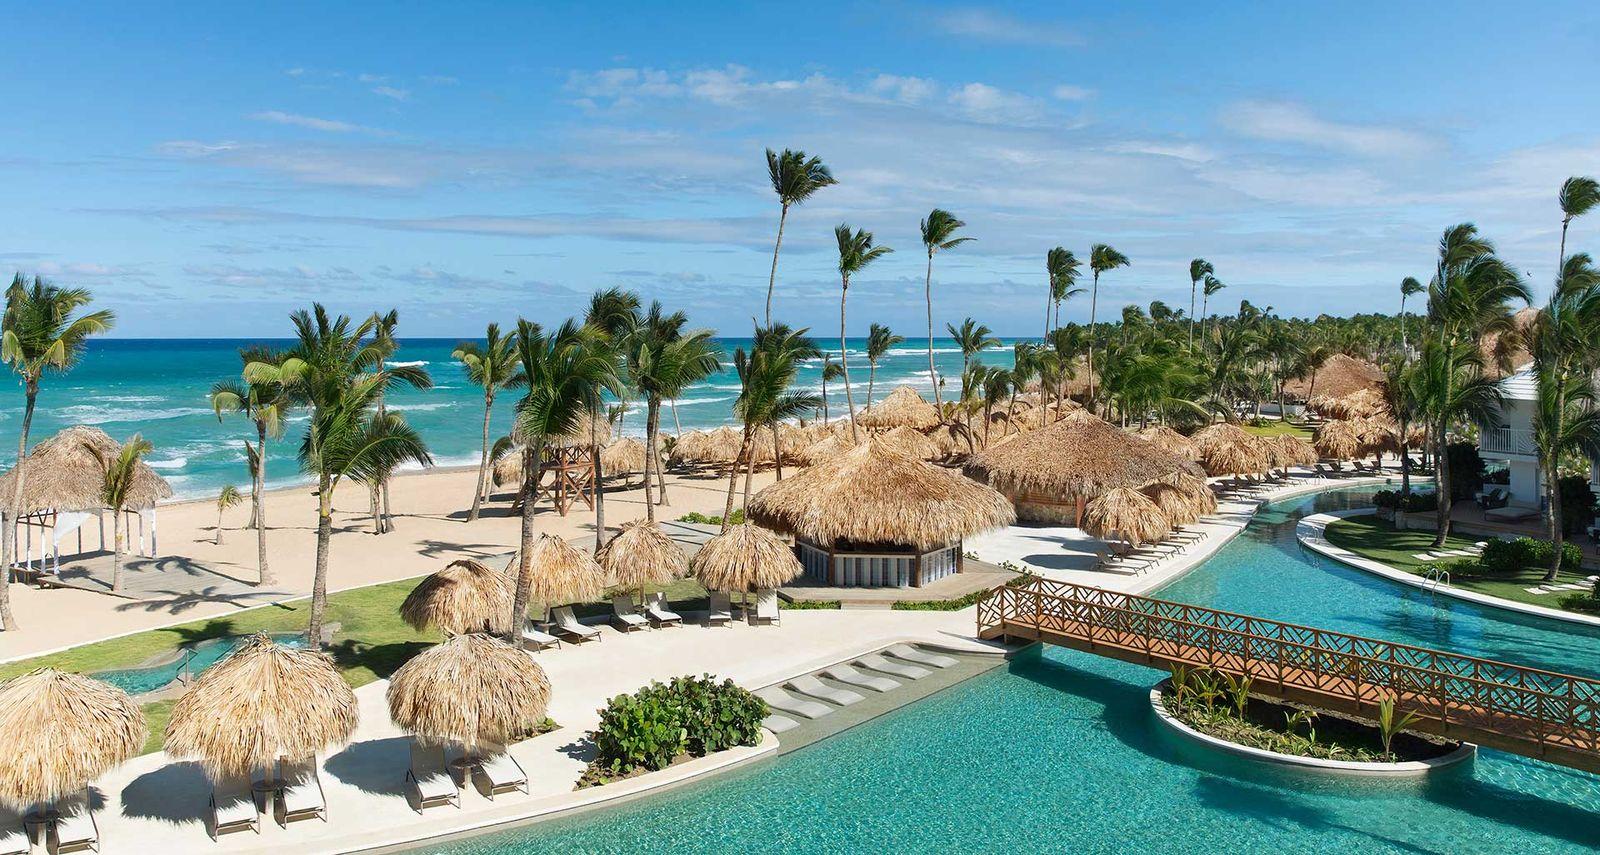 8 Noches: ¡Viaja a Punta Cana en TODO INCLUIDO! - Hotel Natura Park 5*!